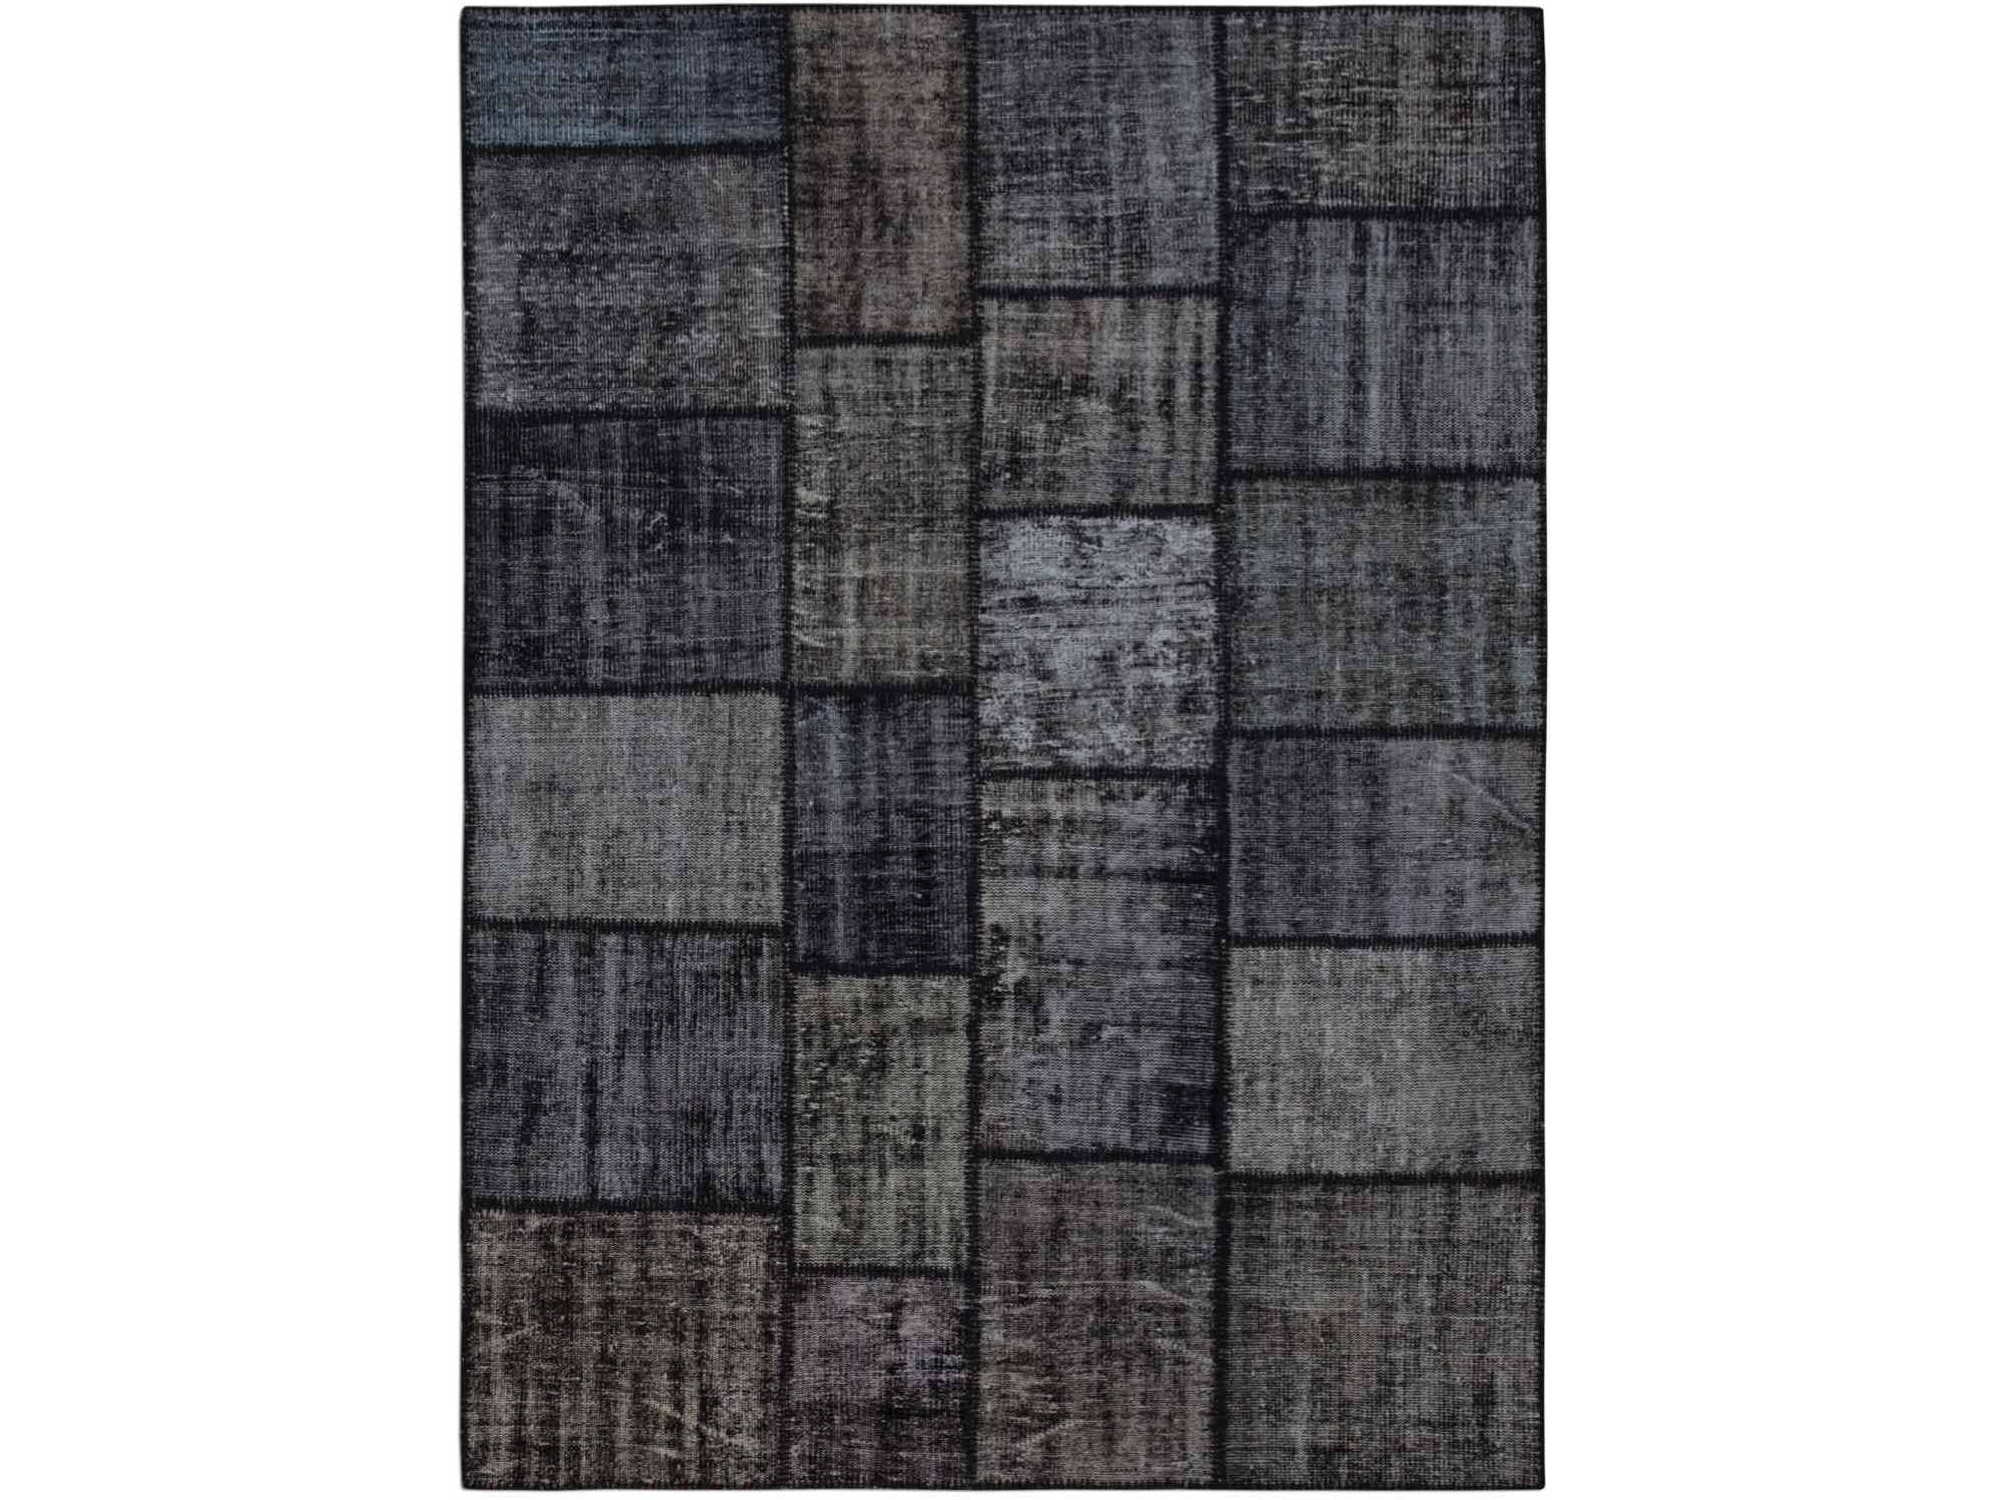 Ковер PatchworkПрямоугольные ковры<br>Винтажный ковер ручной работы в стиле &amp;quot;пэчворк&amp;quot; <br>из 100% шерсти. Ковер прекрасно подходит в <br>любые современные и классические интерьеры, <br>а благодаря толщине ковра всего 5 мм. и отсутствию <br>ворса, его легко чистить любыми видами пылесосов. <br>Этот настоящий ковер ручной работы не потеряет <br>своих красок и будет служить десятилетия.<br><br>Material: Шерсть<br>Ширина см: 176<br>Глубина см: 242